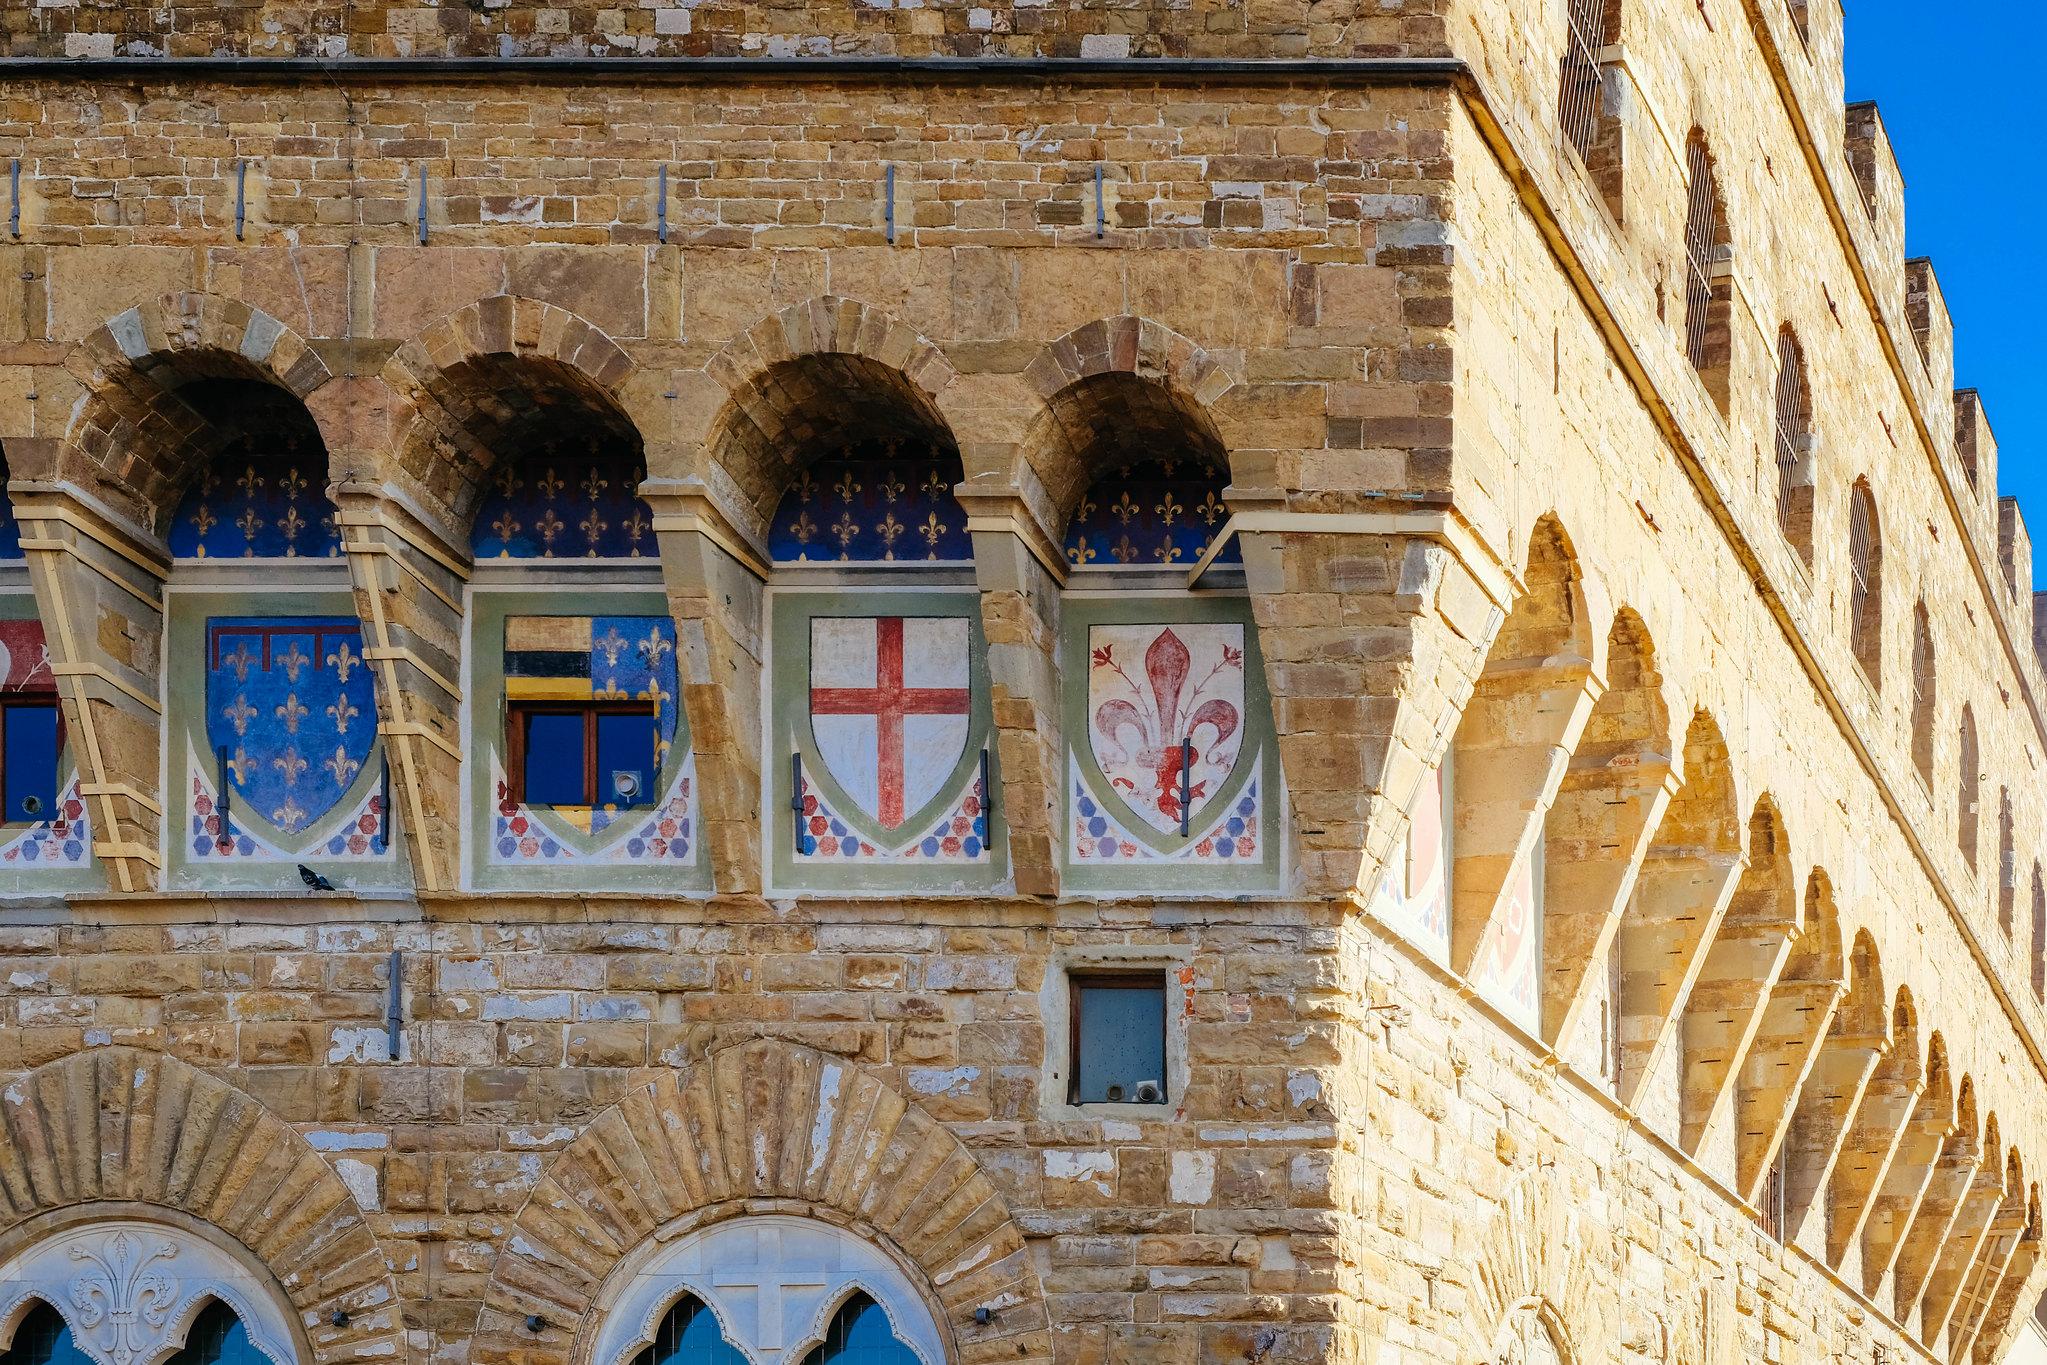 View of the Palazzo Vecchio